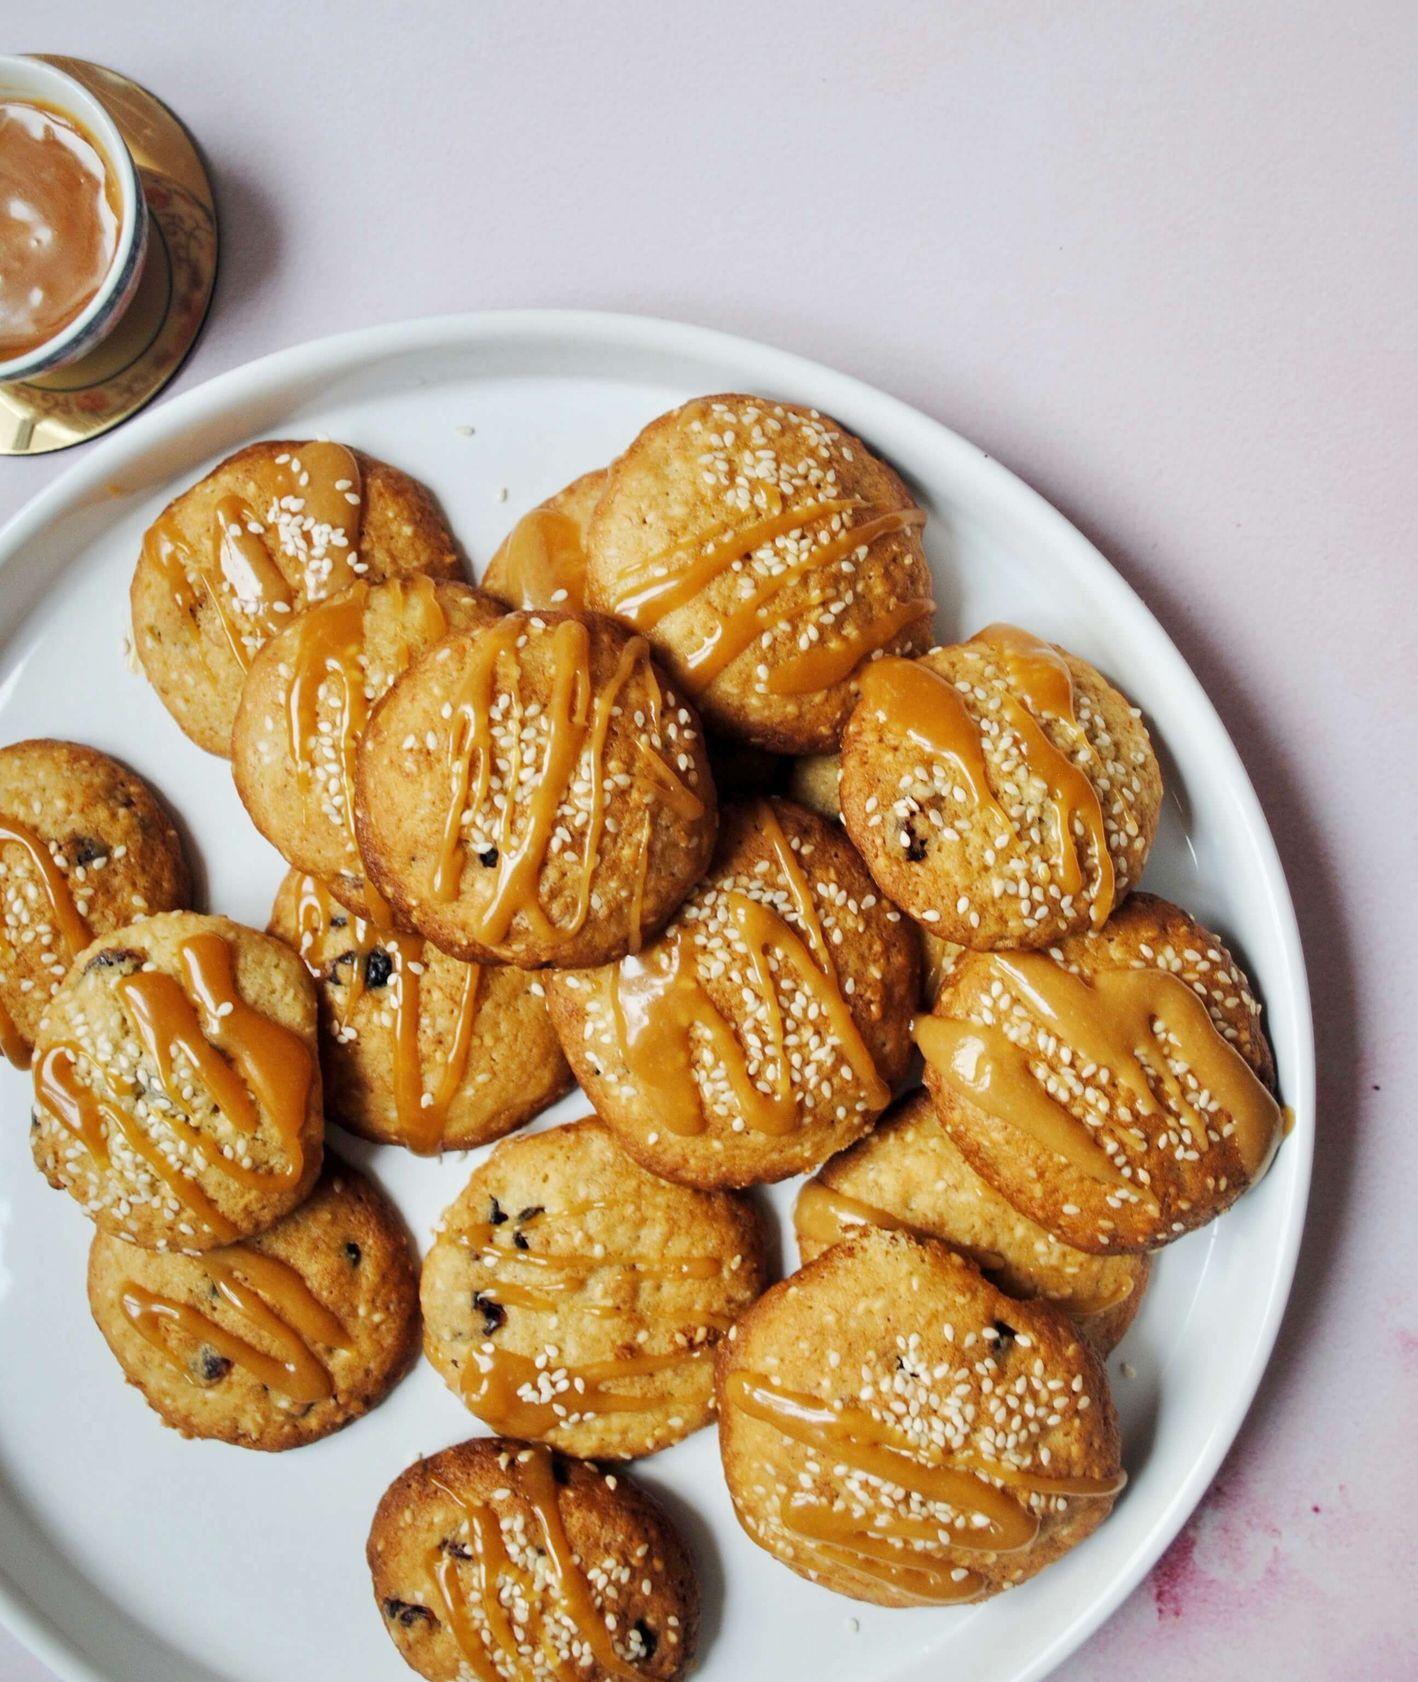 bananowo-sezamowe ciasteczka z karmelem, maślane ciasteczka, ciasteczka bananowe, ciasteczka z karmelem, domowy karmel, słony karmel, ciasteczka z tahini, przepis Marta Mankiewicz